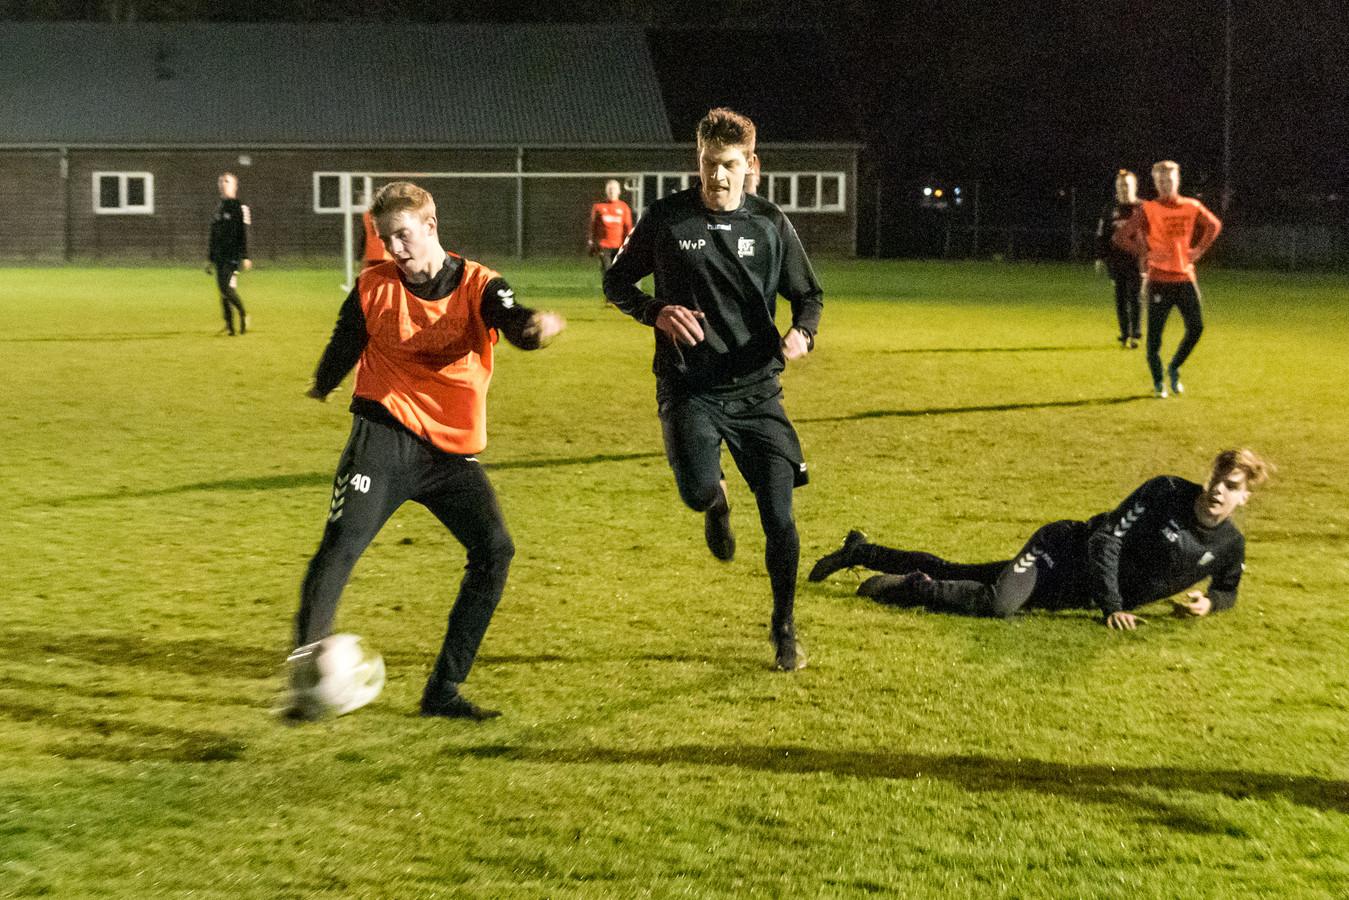 Bij SPV Vlierden zijn de senioren weer aan het trainen, maar er zijn teams waarvan de helft wel en de helft niet mag sporten met elkaar vanwege de leeftijdsgrens van 27 jaar.